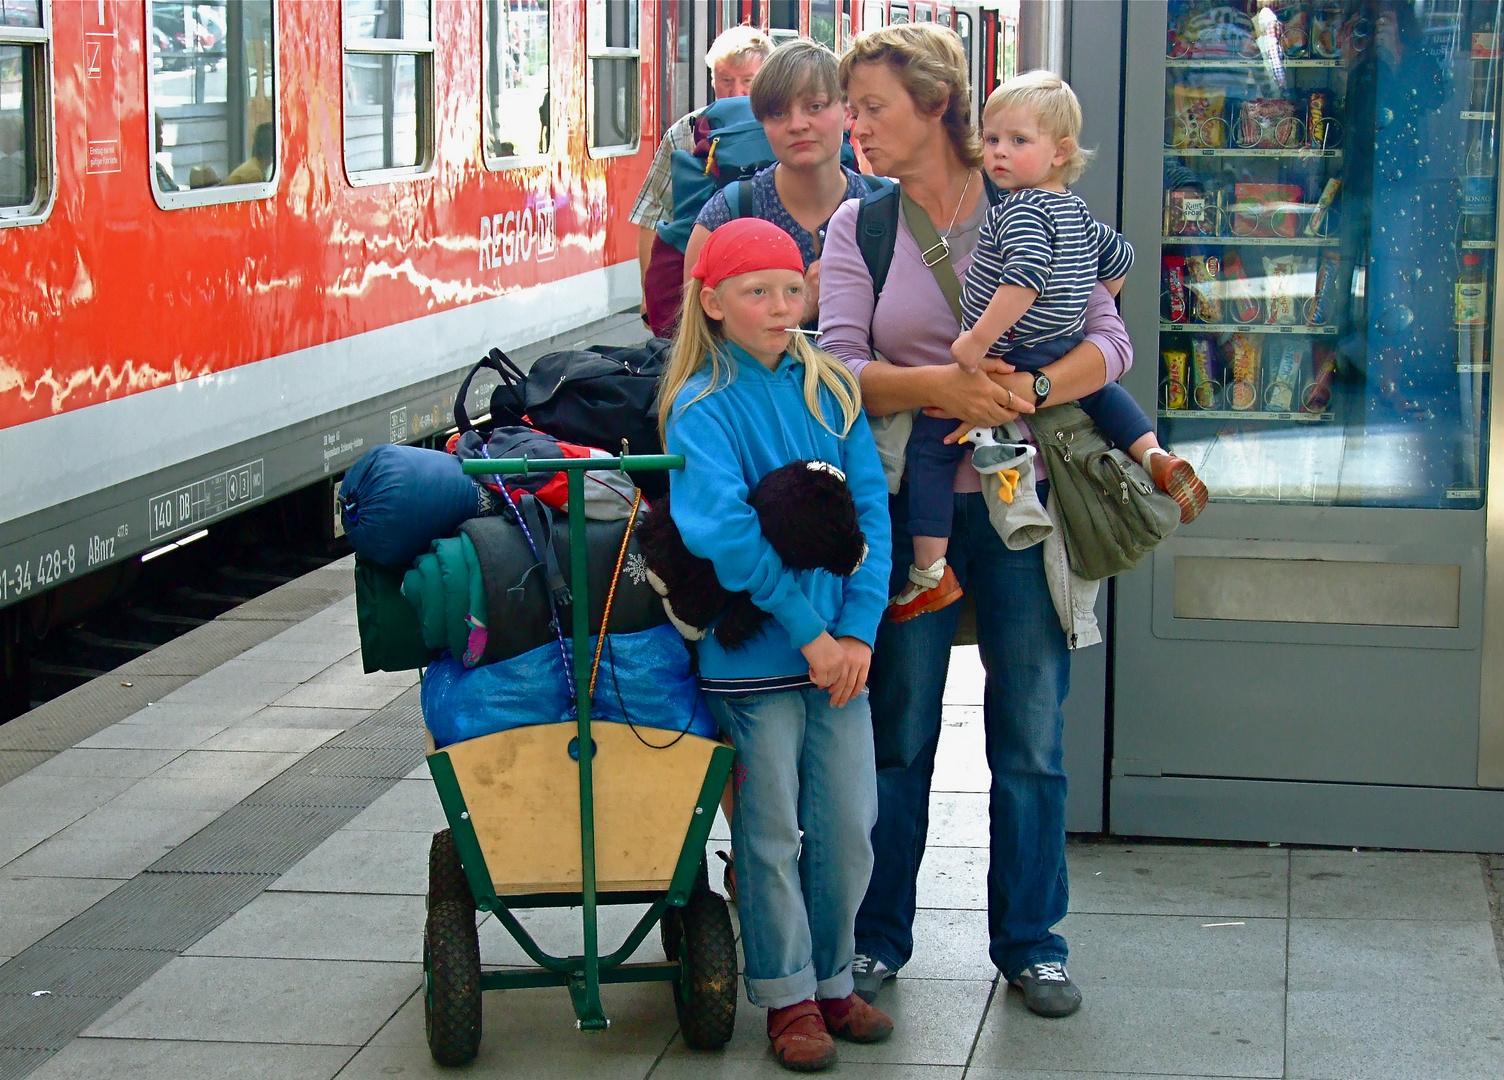 °°° Wer kommt denn da mit Zug und Bollerwagen angereist - Die Mama und die Mira°°°